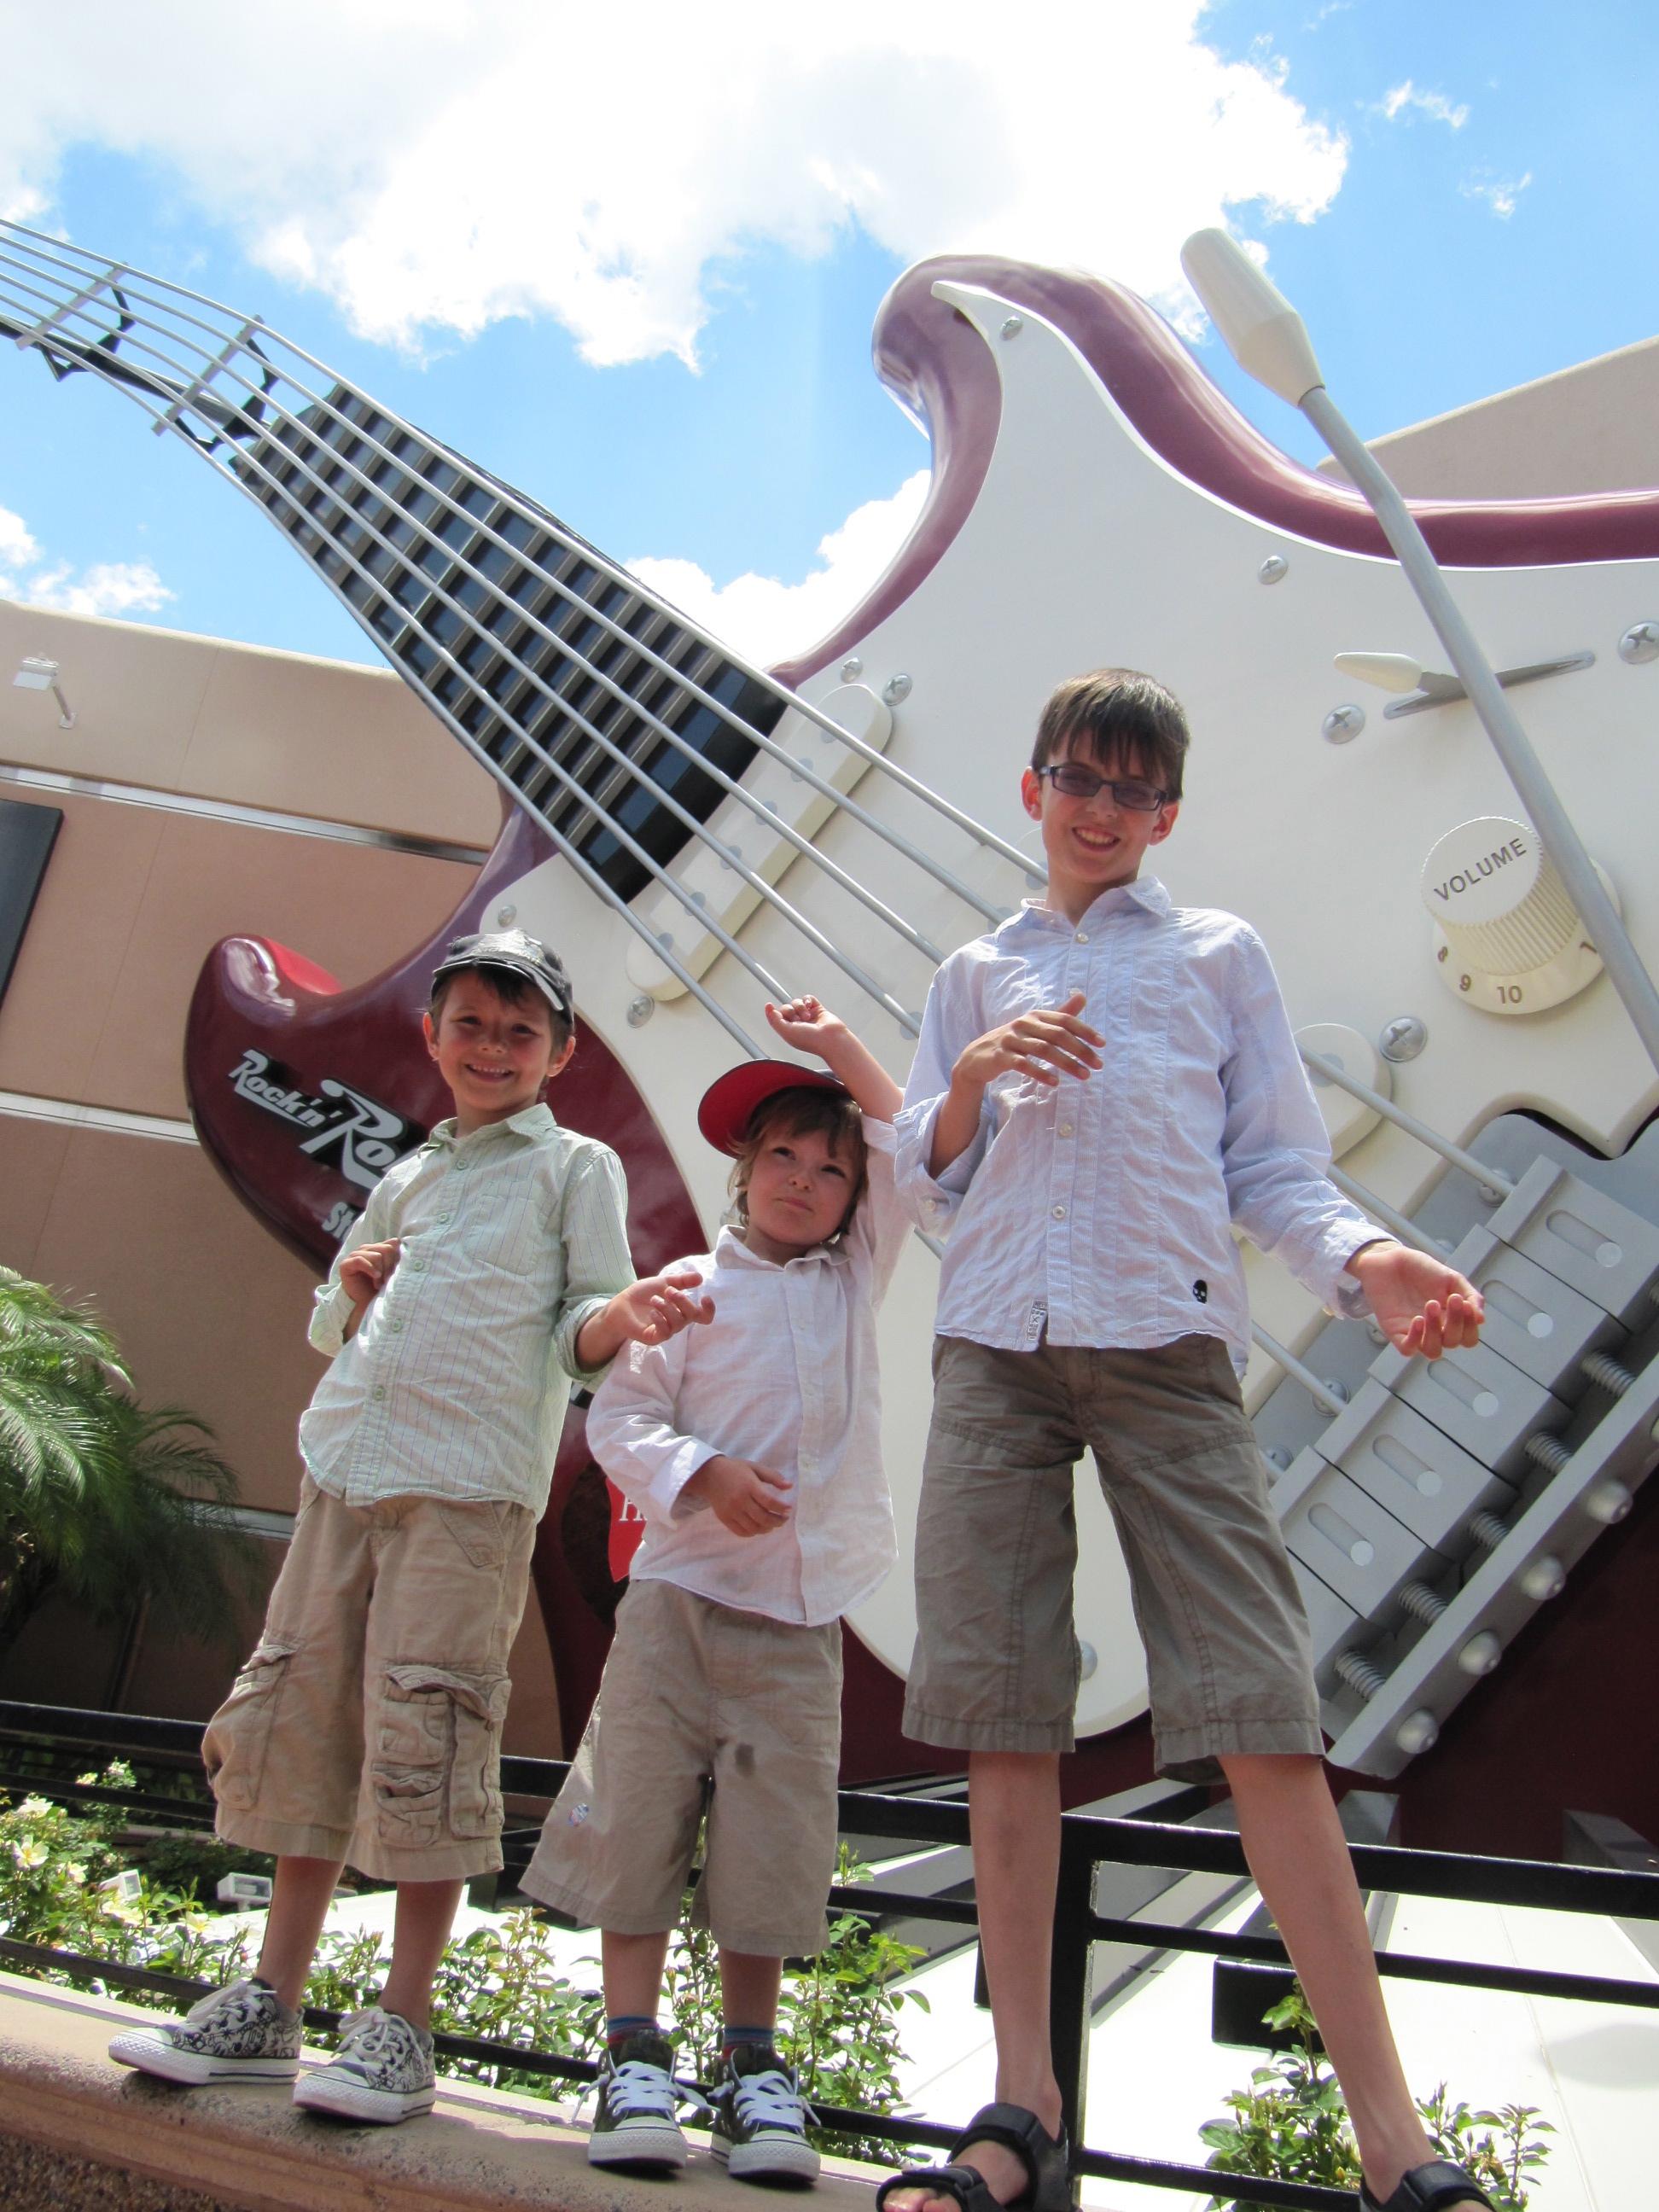 Rock 'n' Roller Coaster - Orlando, Florida